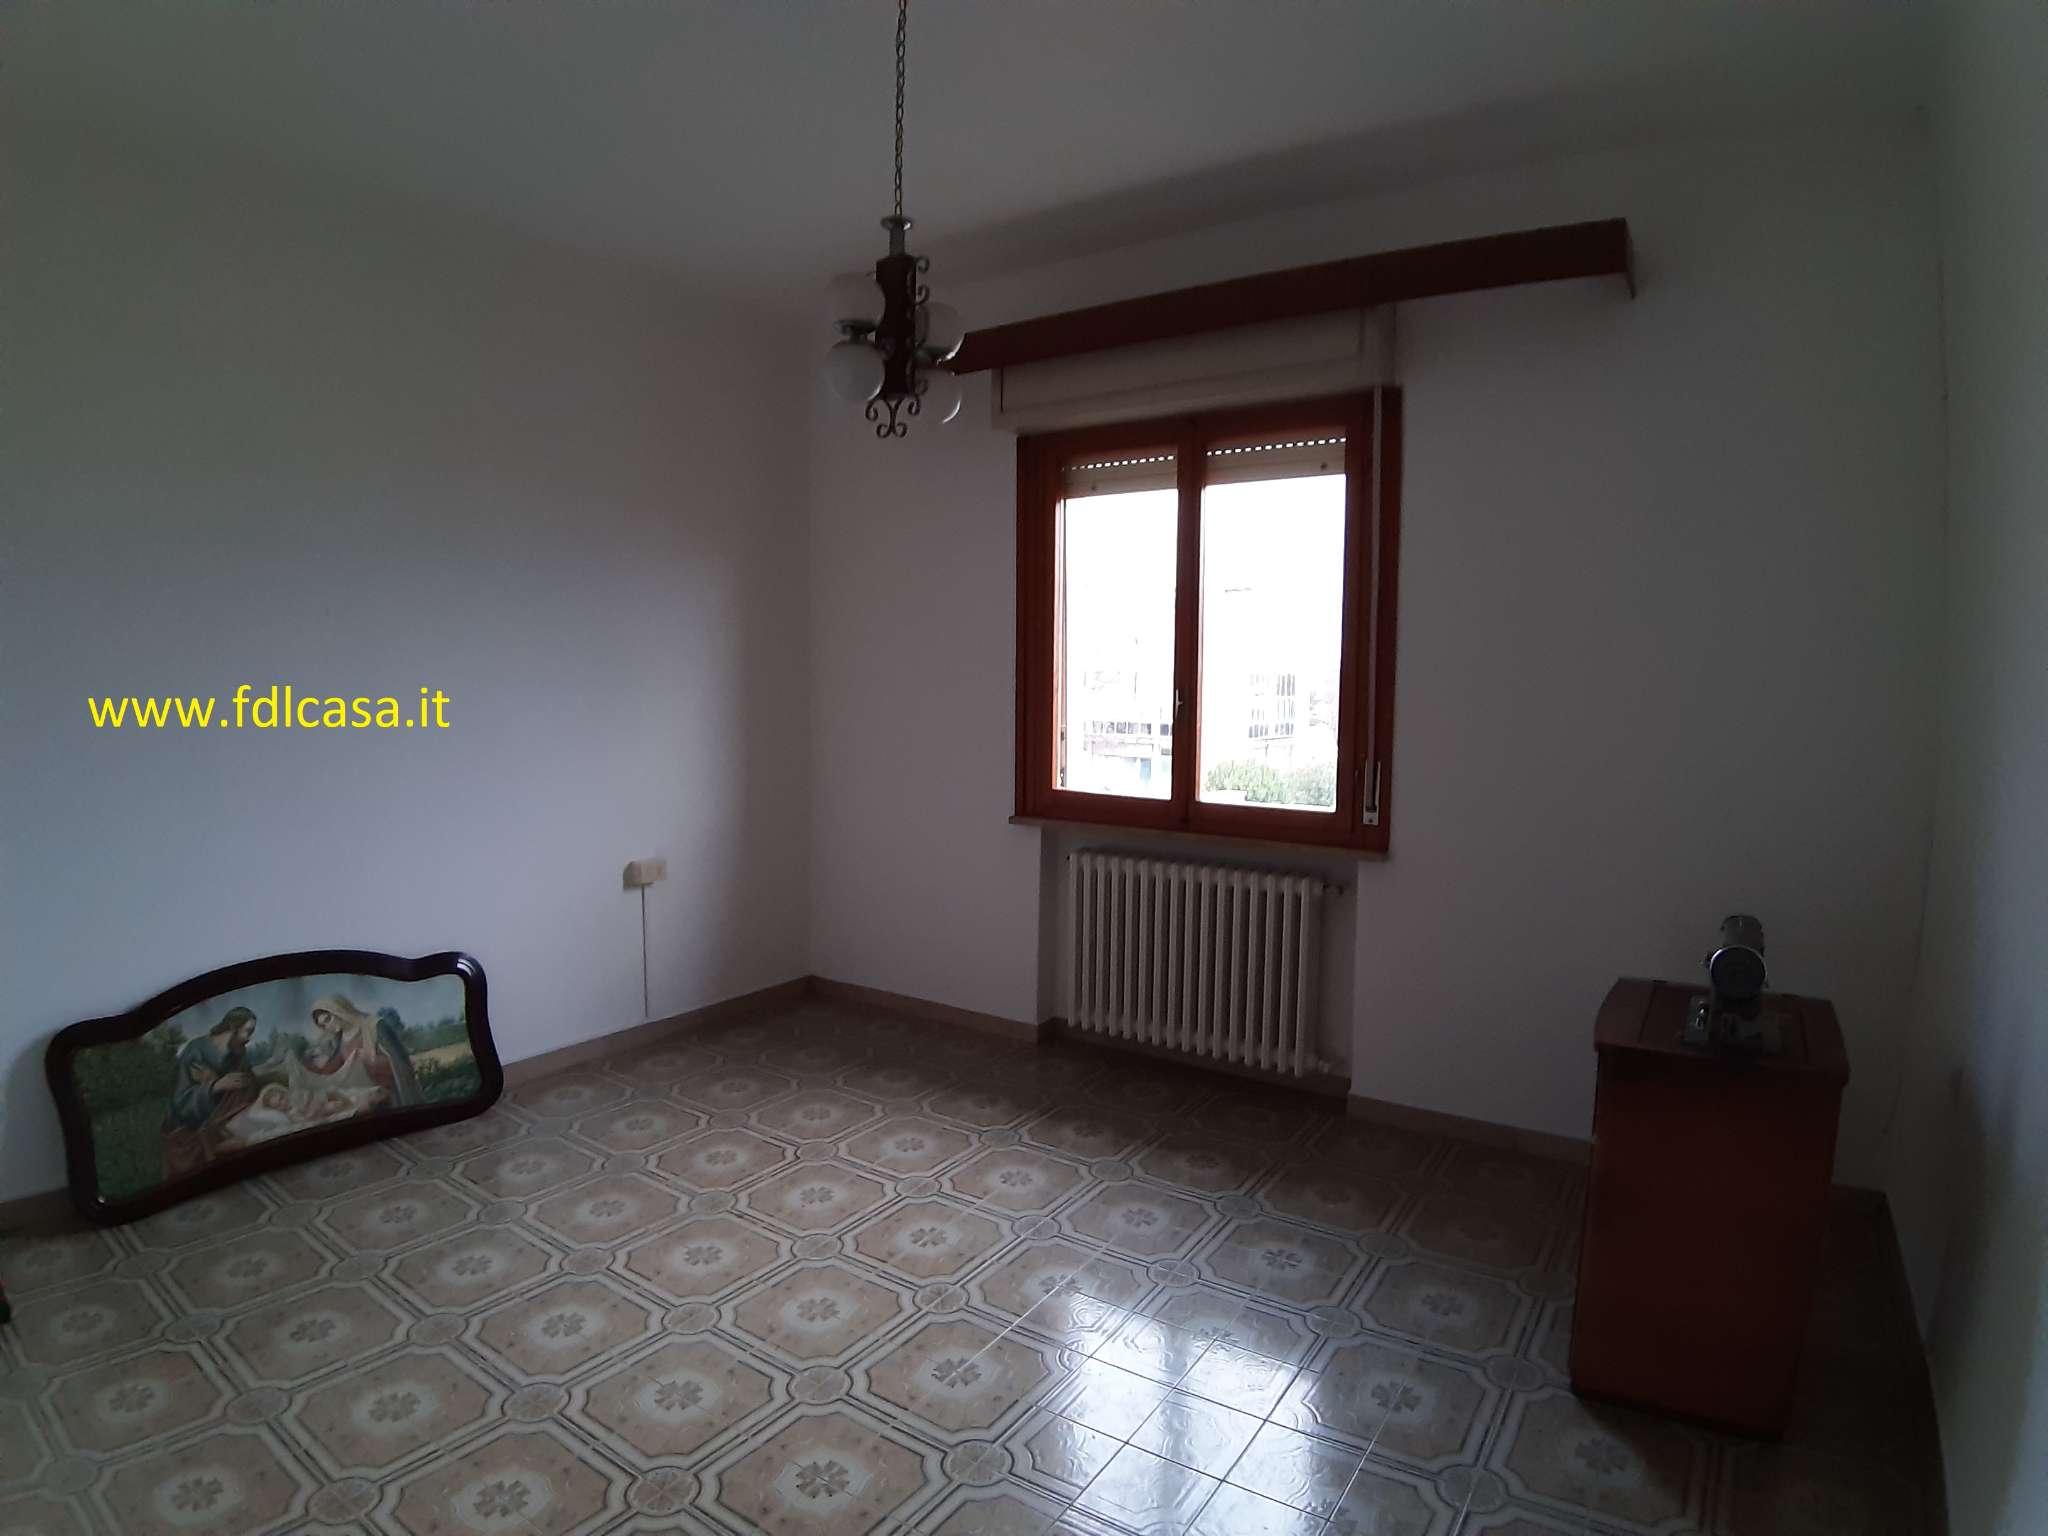 Appartamento in vendita a San Miniato, 9999 locali, prezzo € 140.000 | PortaleAgenzieImmobiliari.it